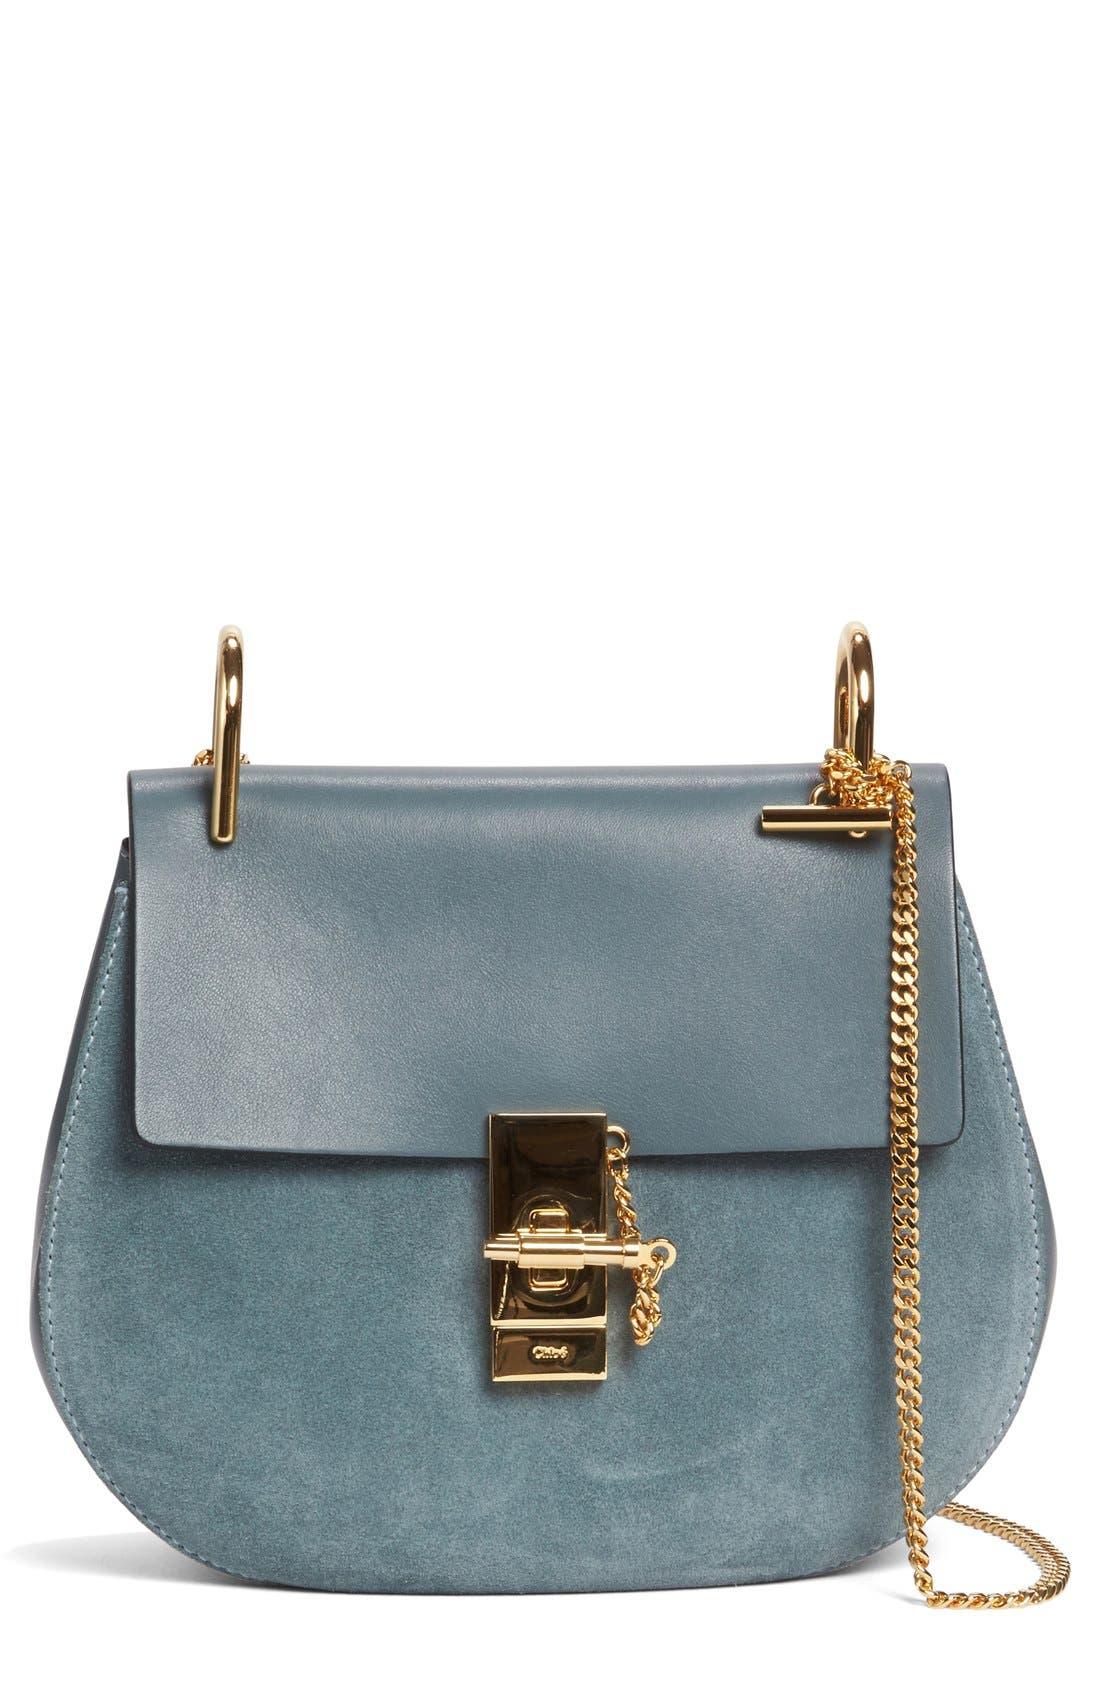 Alternate Image 1 Selected - Chloé Drew Leather & Suede Shoulder Bag